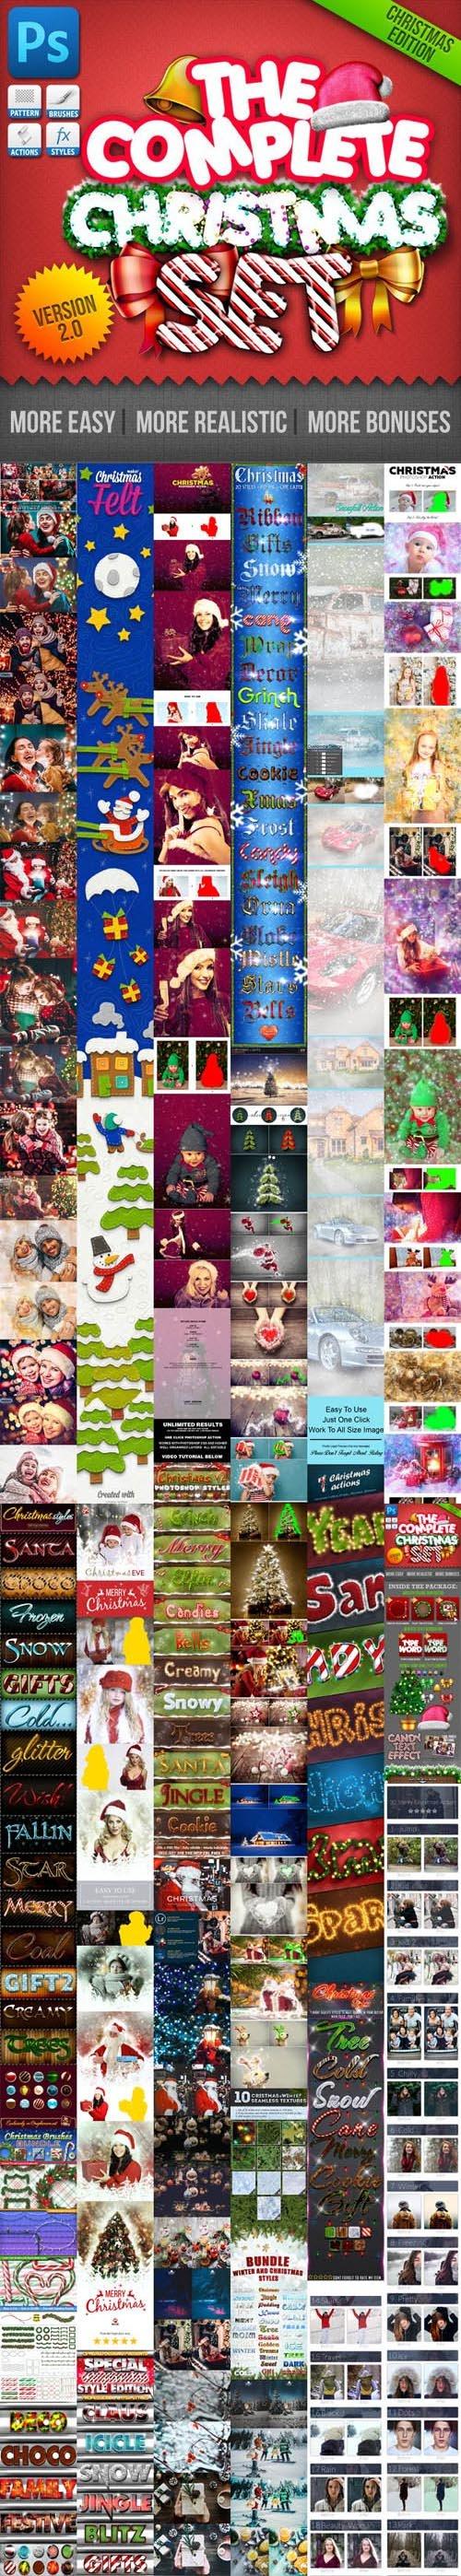 Graphicriver 2019 Big Christmas Bundle for Photoshop